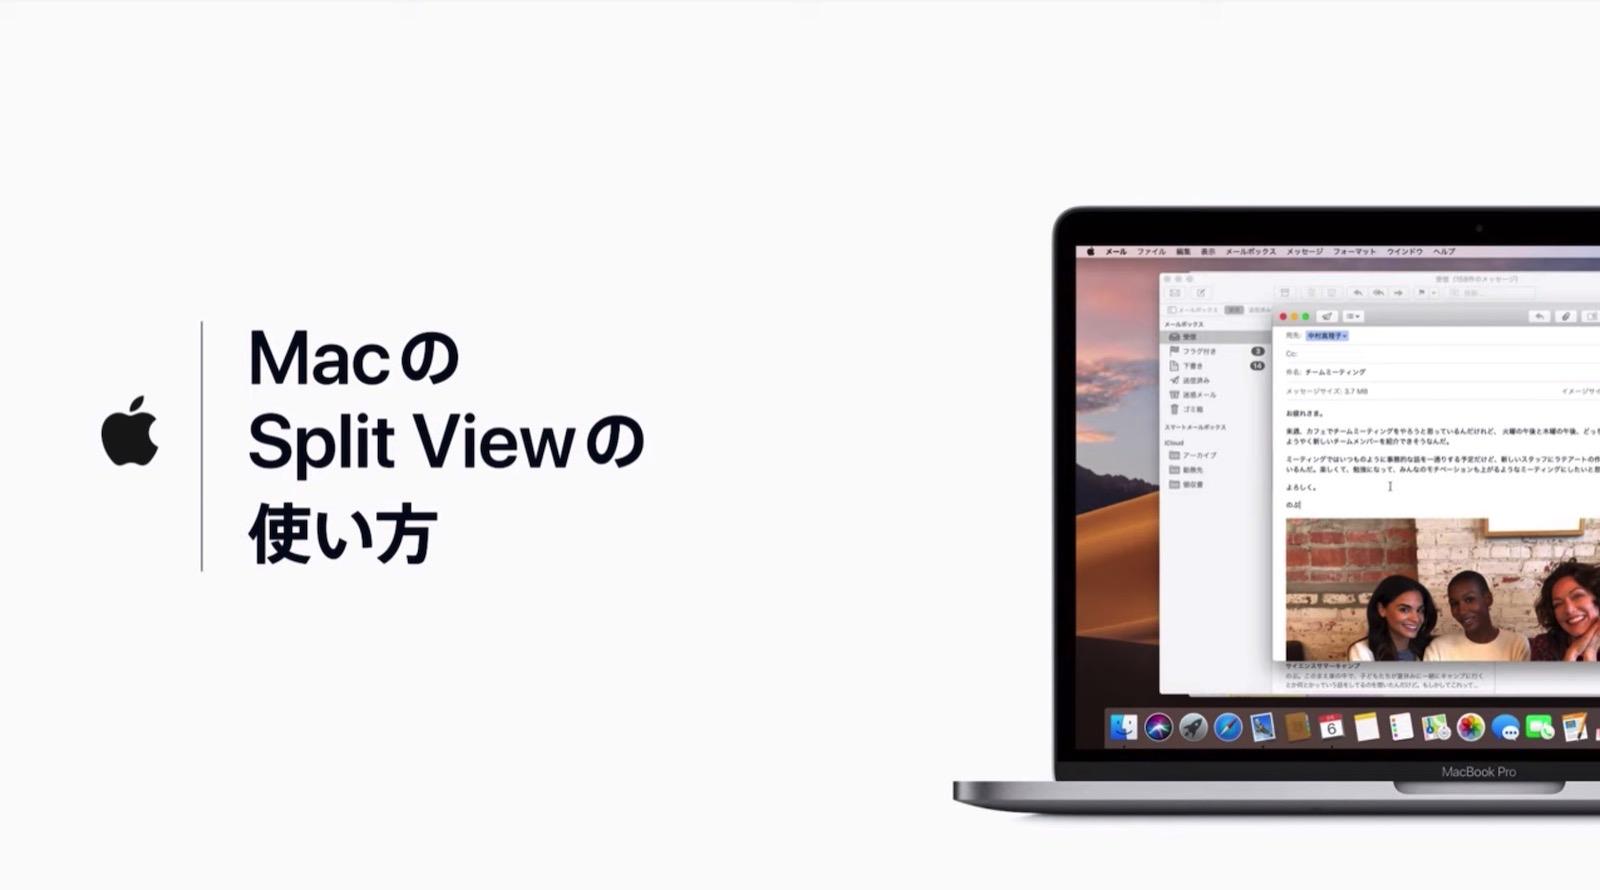 Mac-HowtoUse-SplitView.jpg